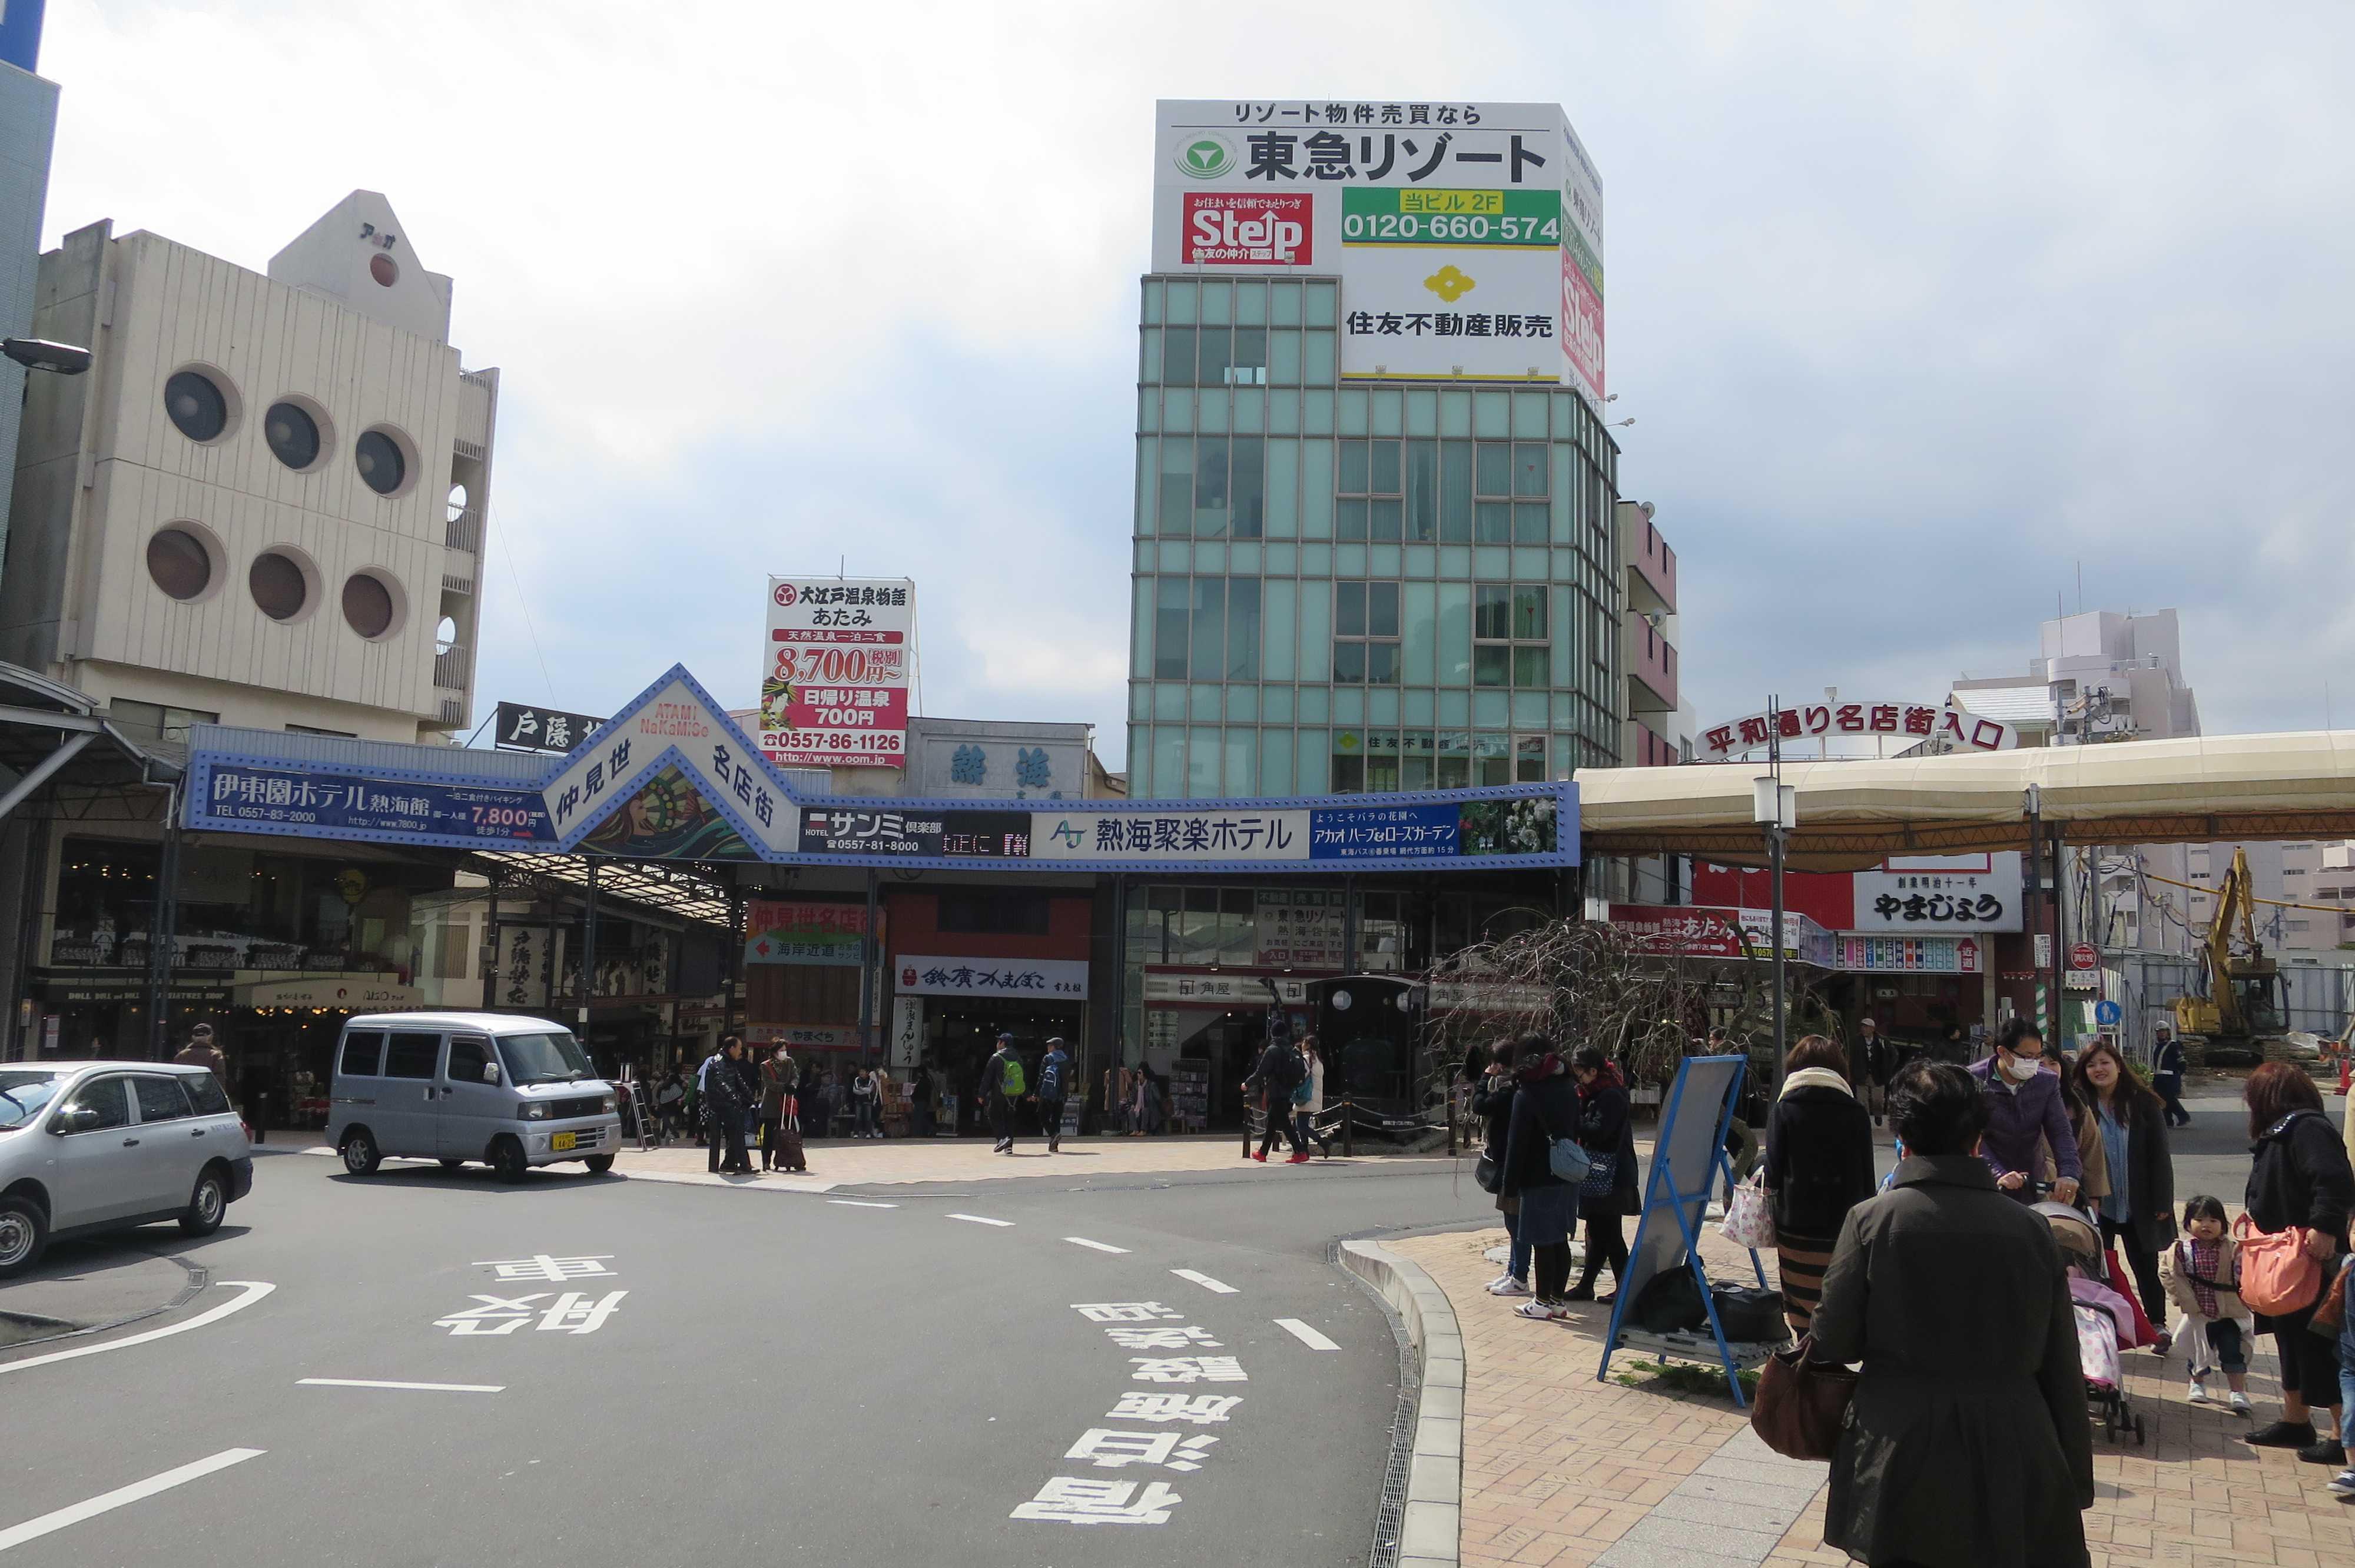 熱海駅前から商店街へ